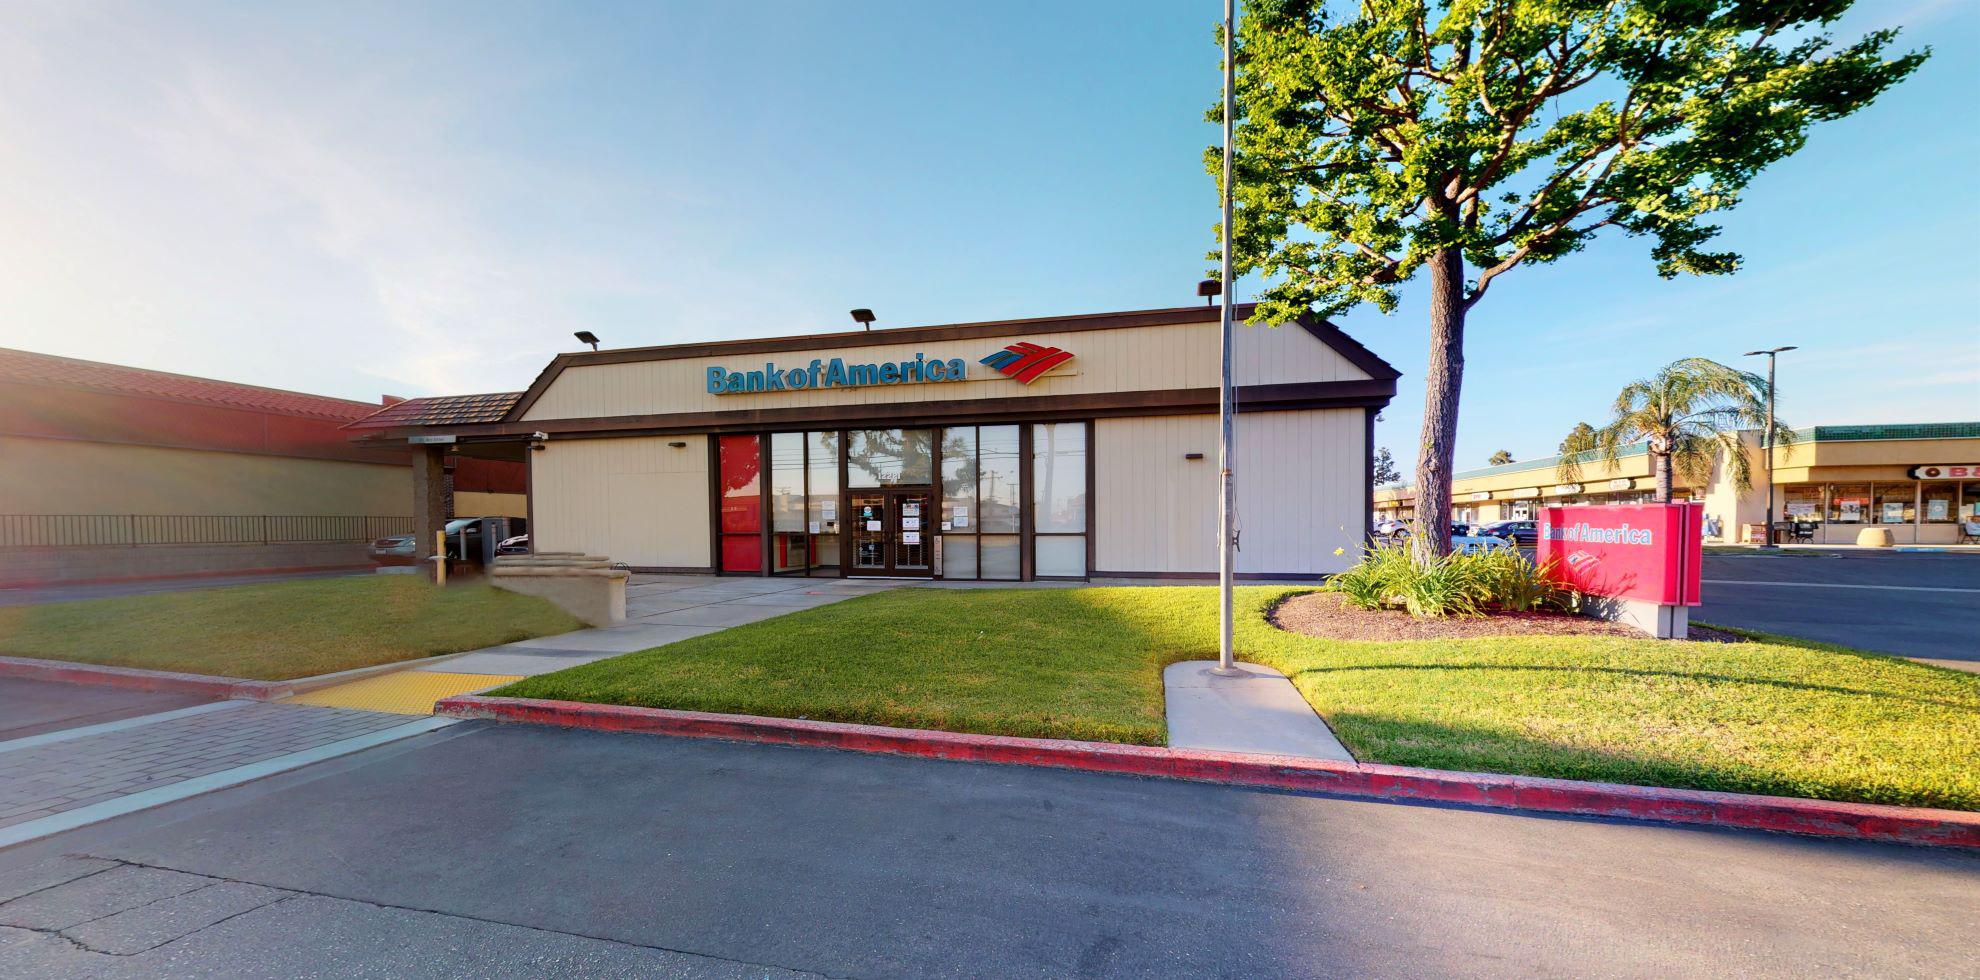 Bank of America financial center with drive-thru ATM | 12221 Artesia Blvd, Cerritos, CA 90703